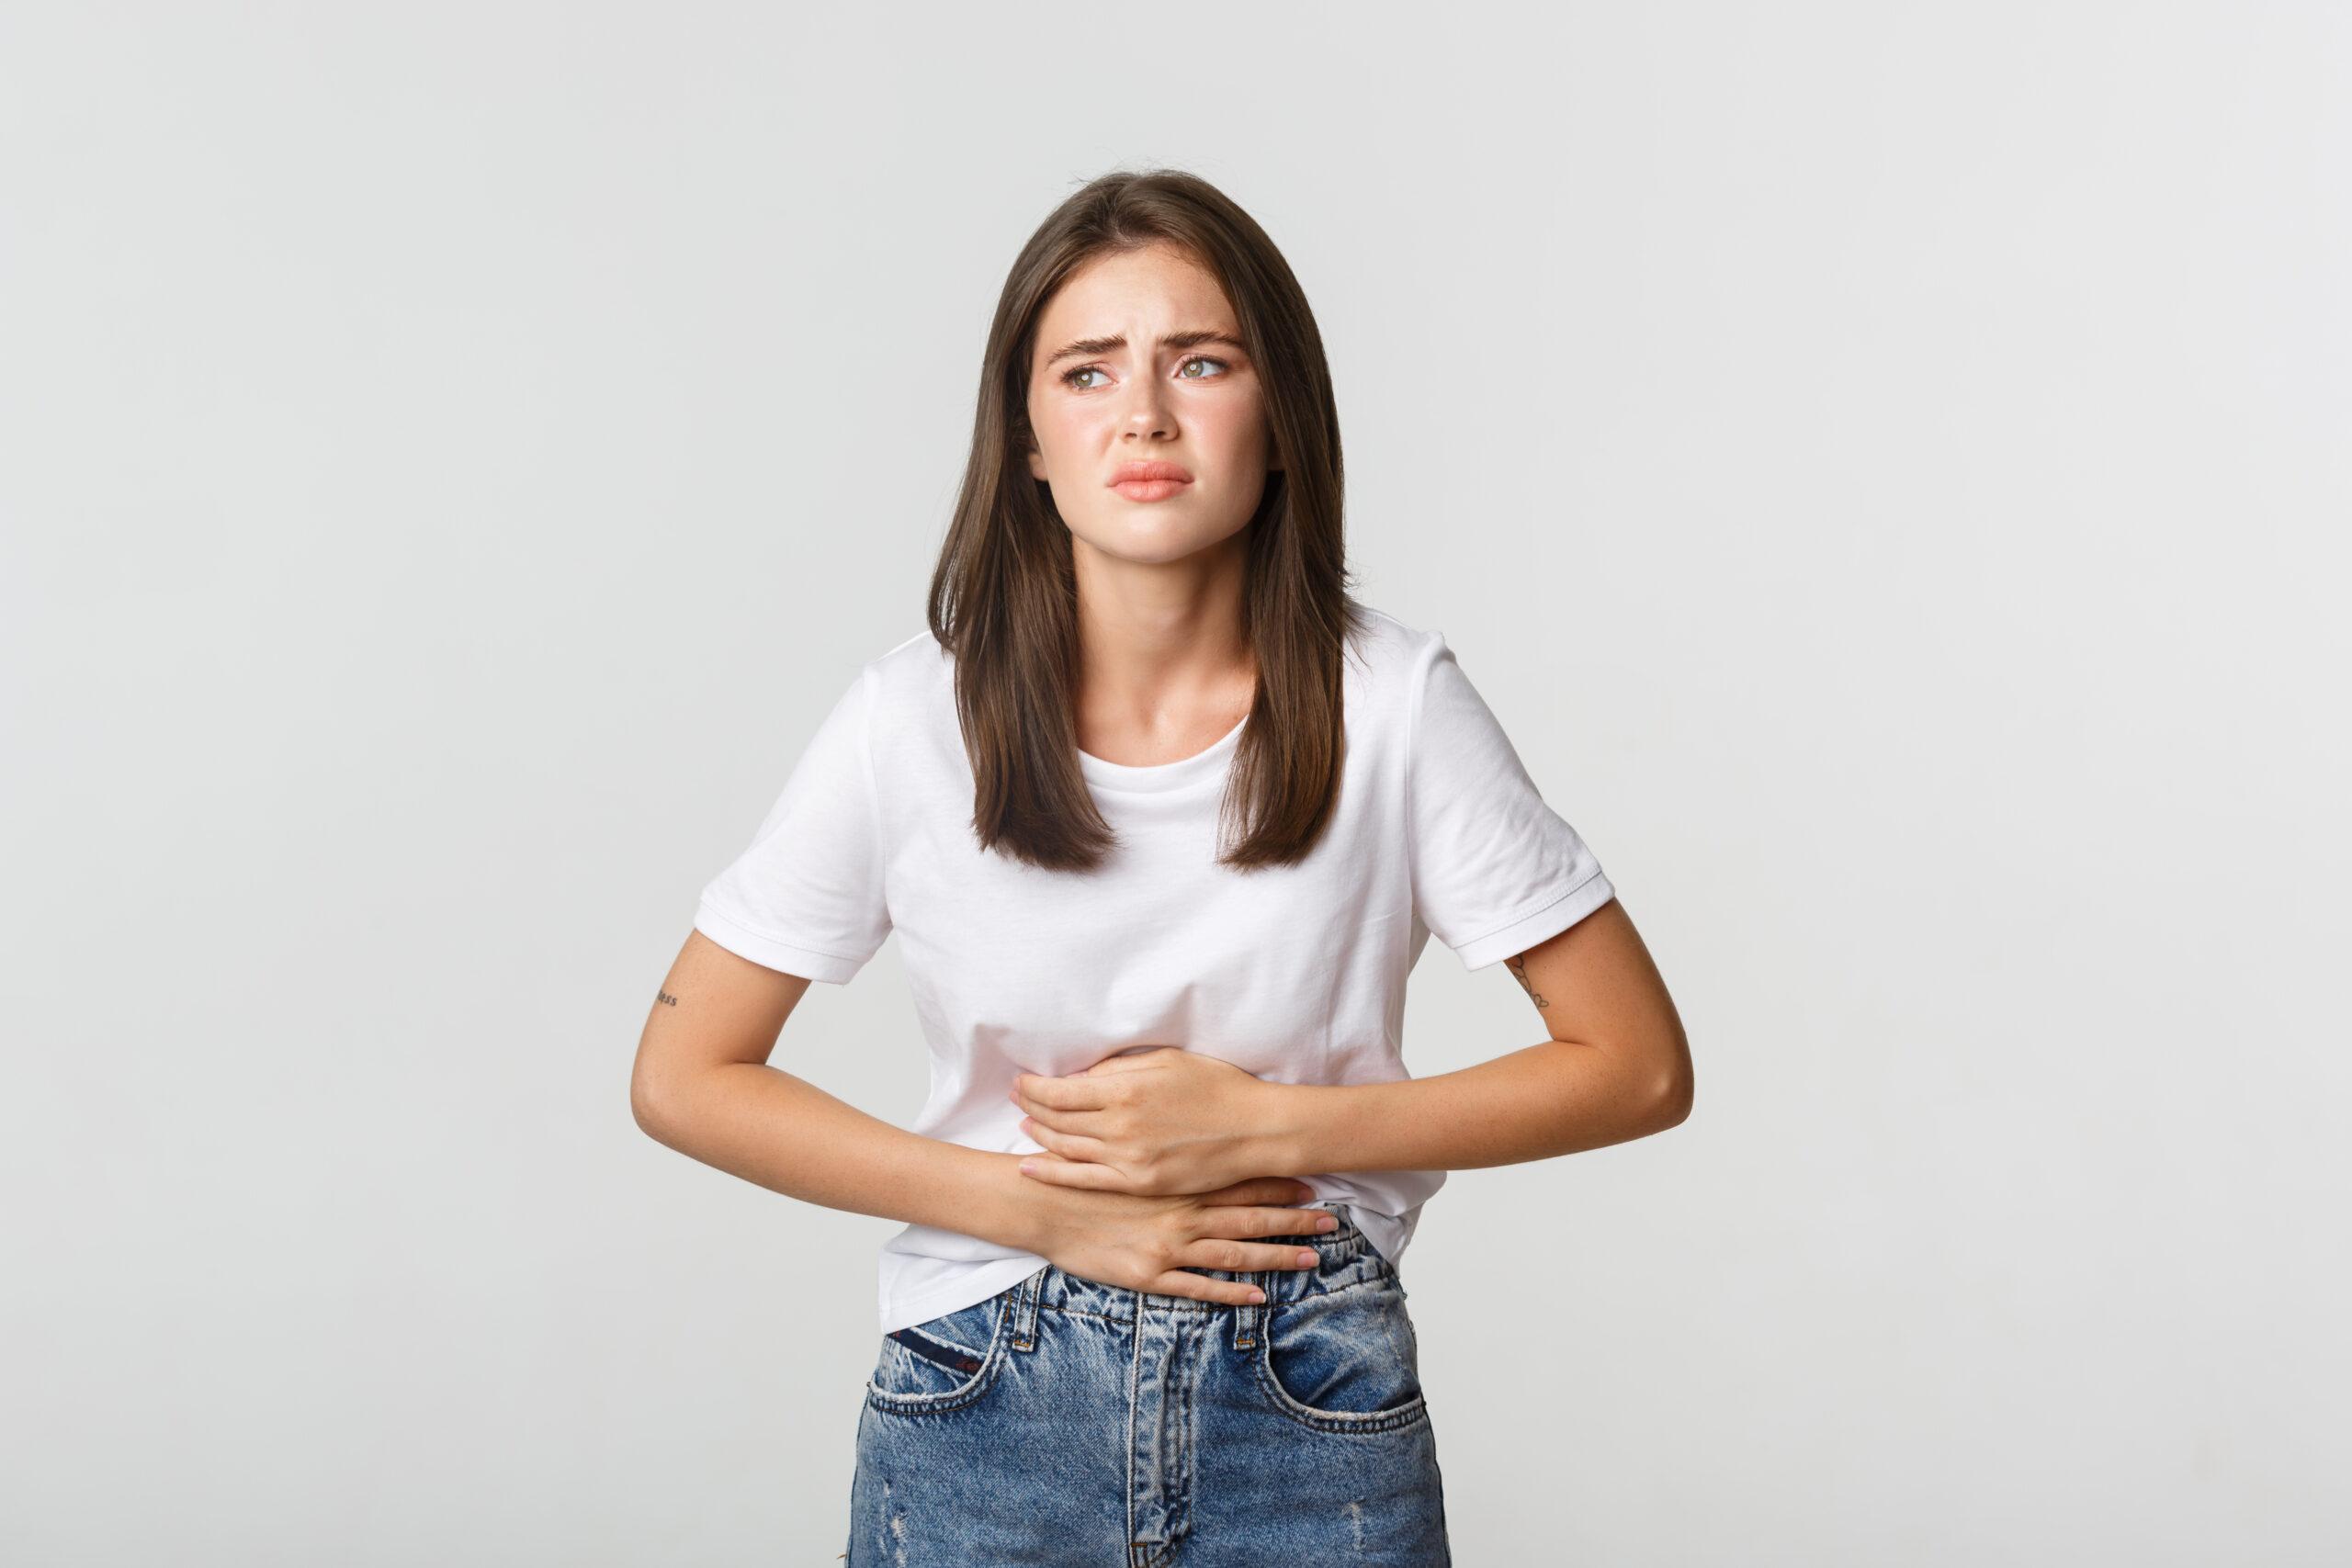 allergia nichel giusta alimentazione